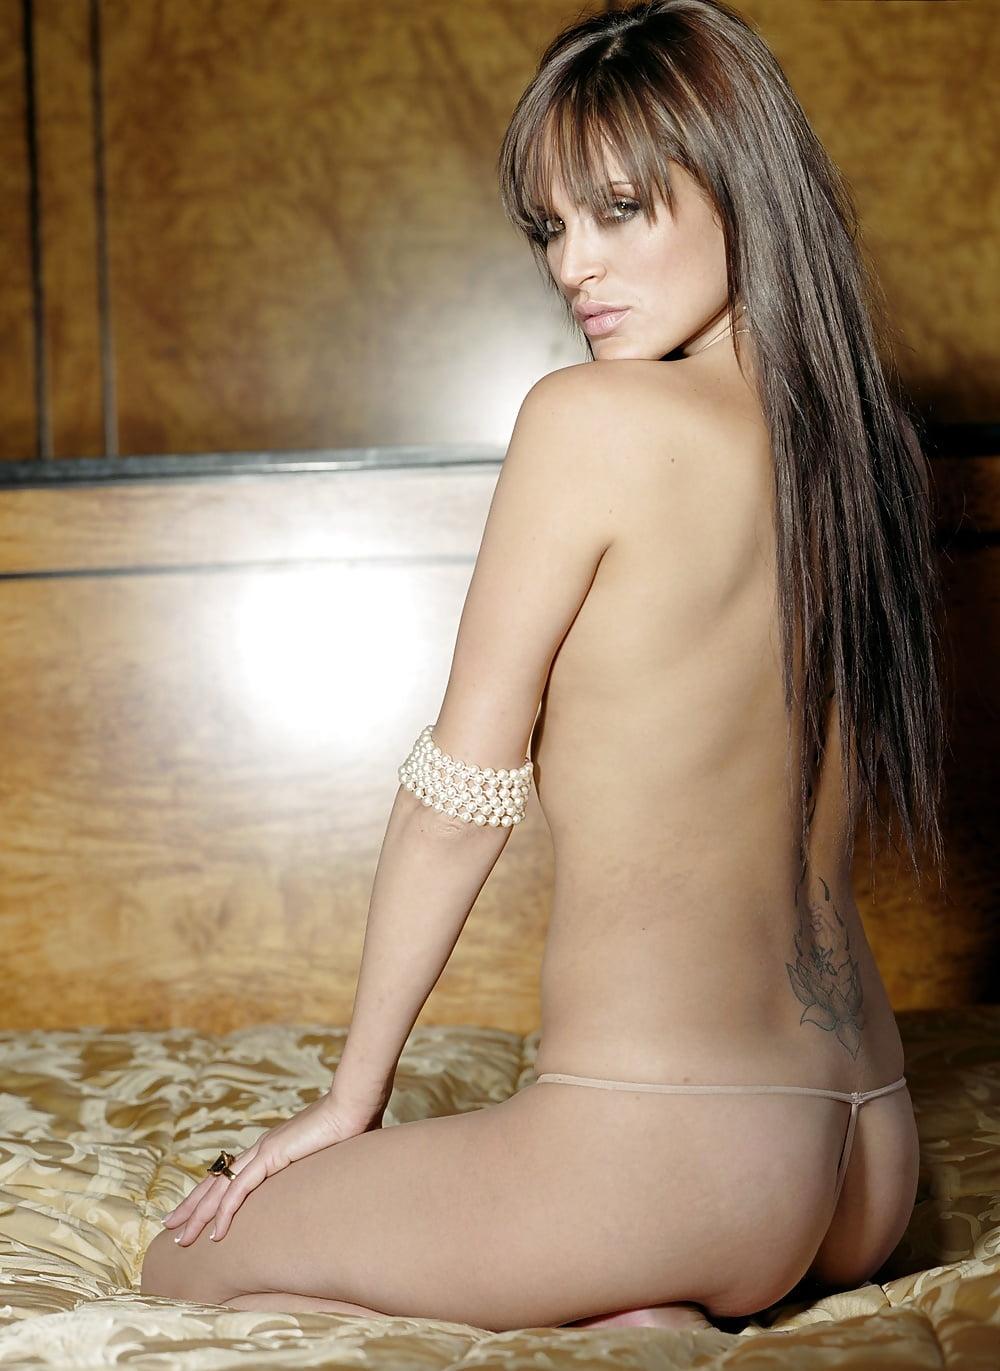 Sophie anderton nude — 5